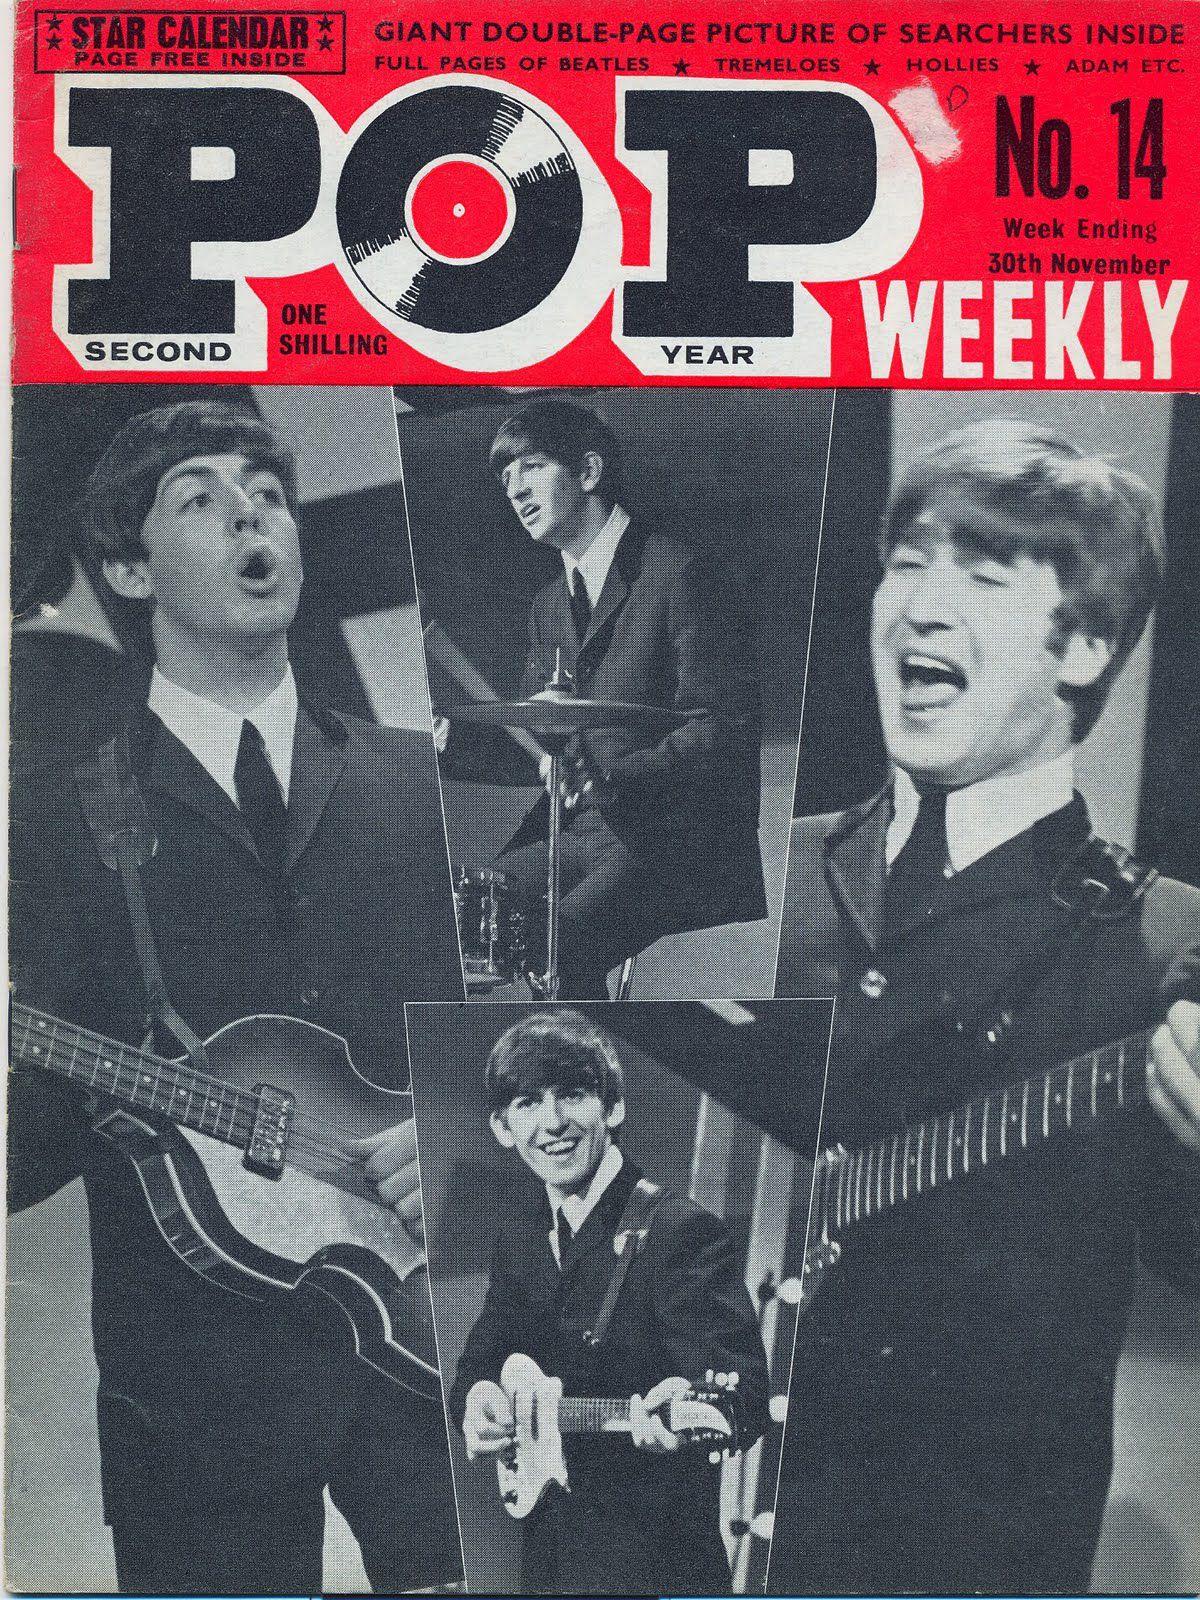 Pop Weekly, November 30, 1963 — The Beatles